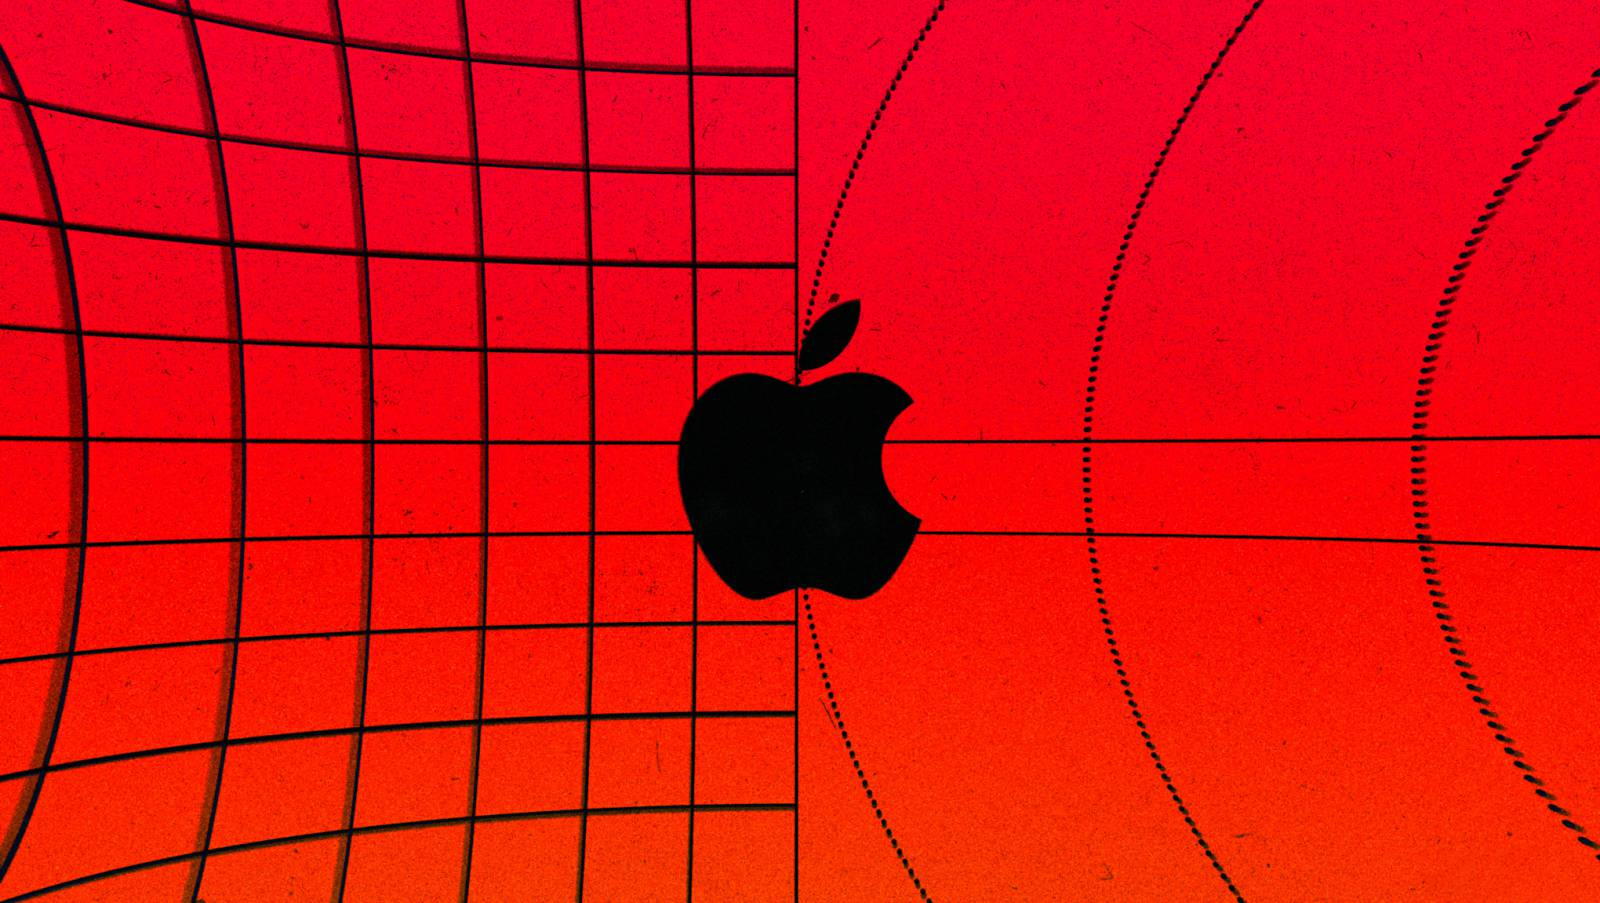 iphone darorii apple samsung